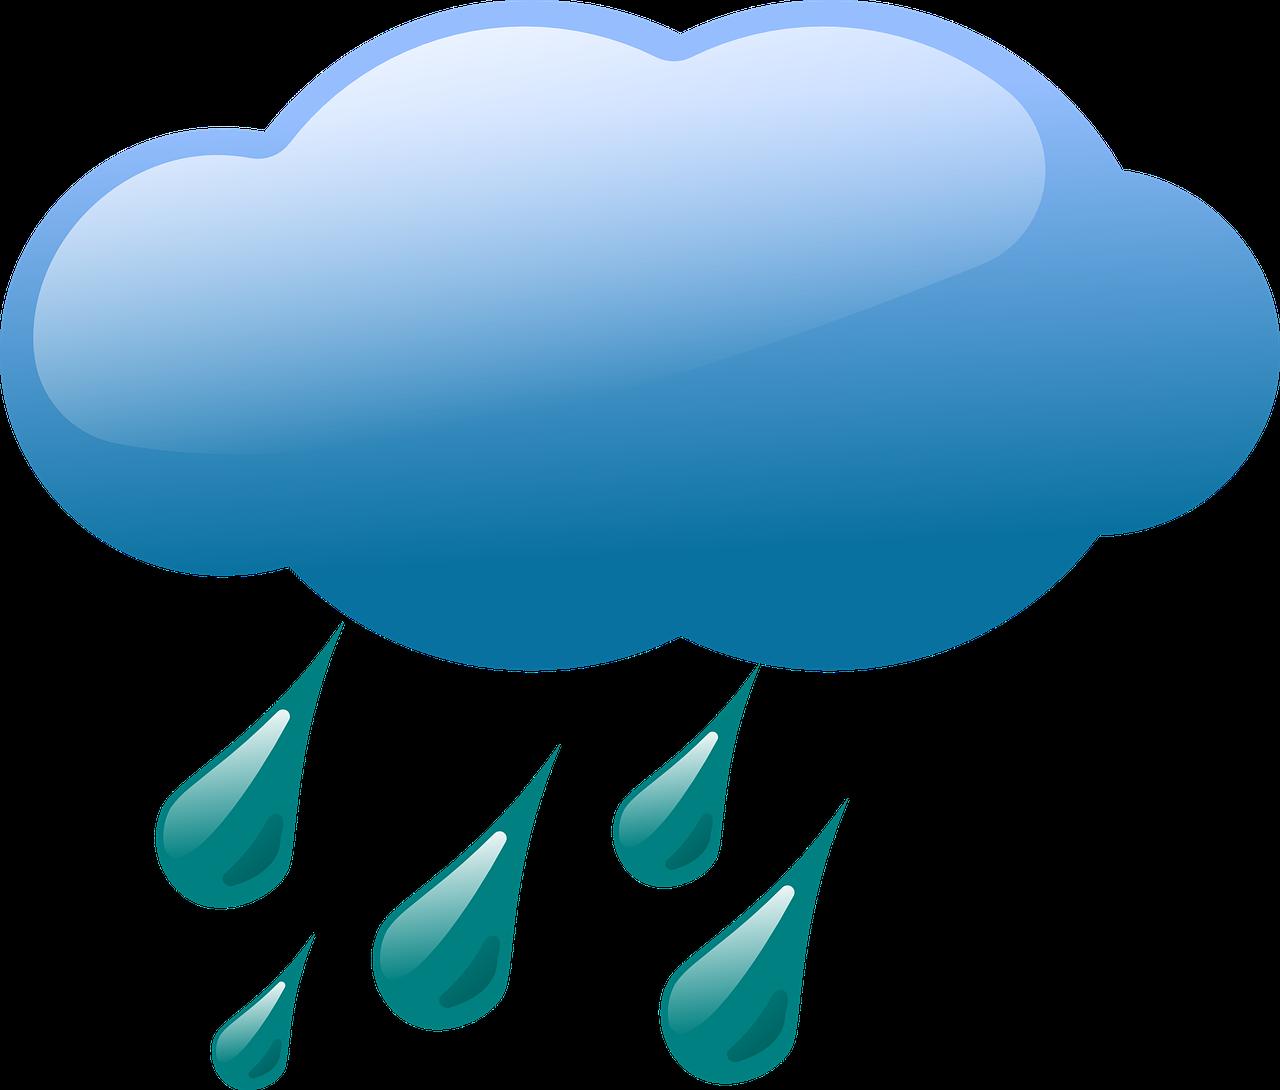 Облачко погода картинки